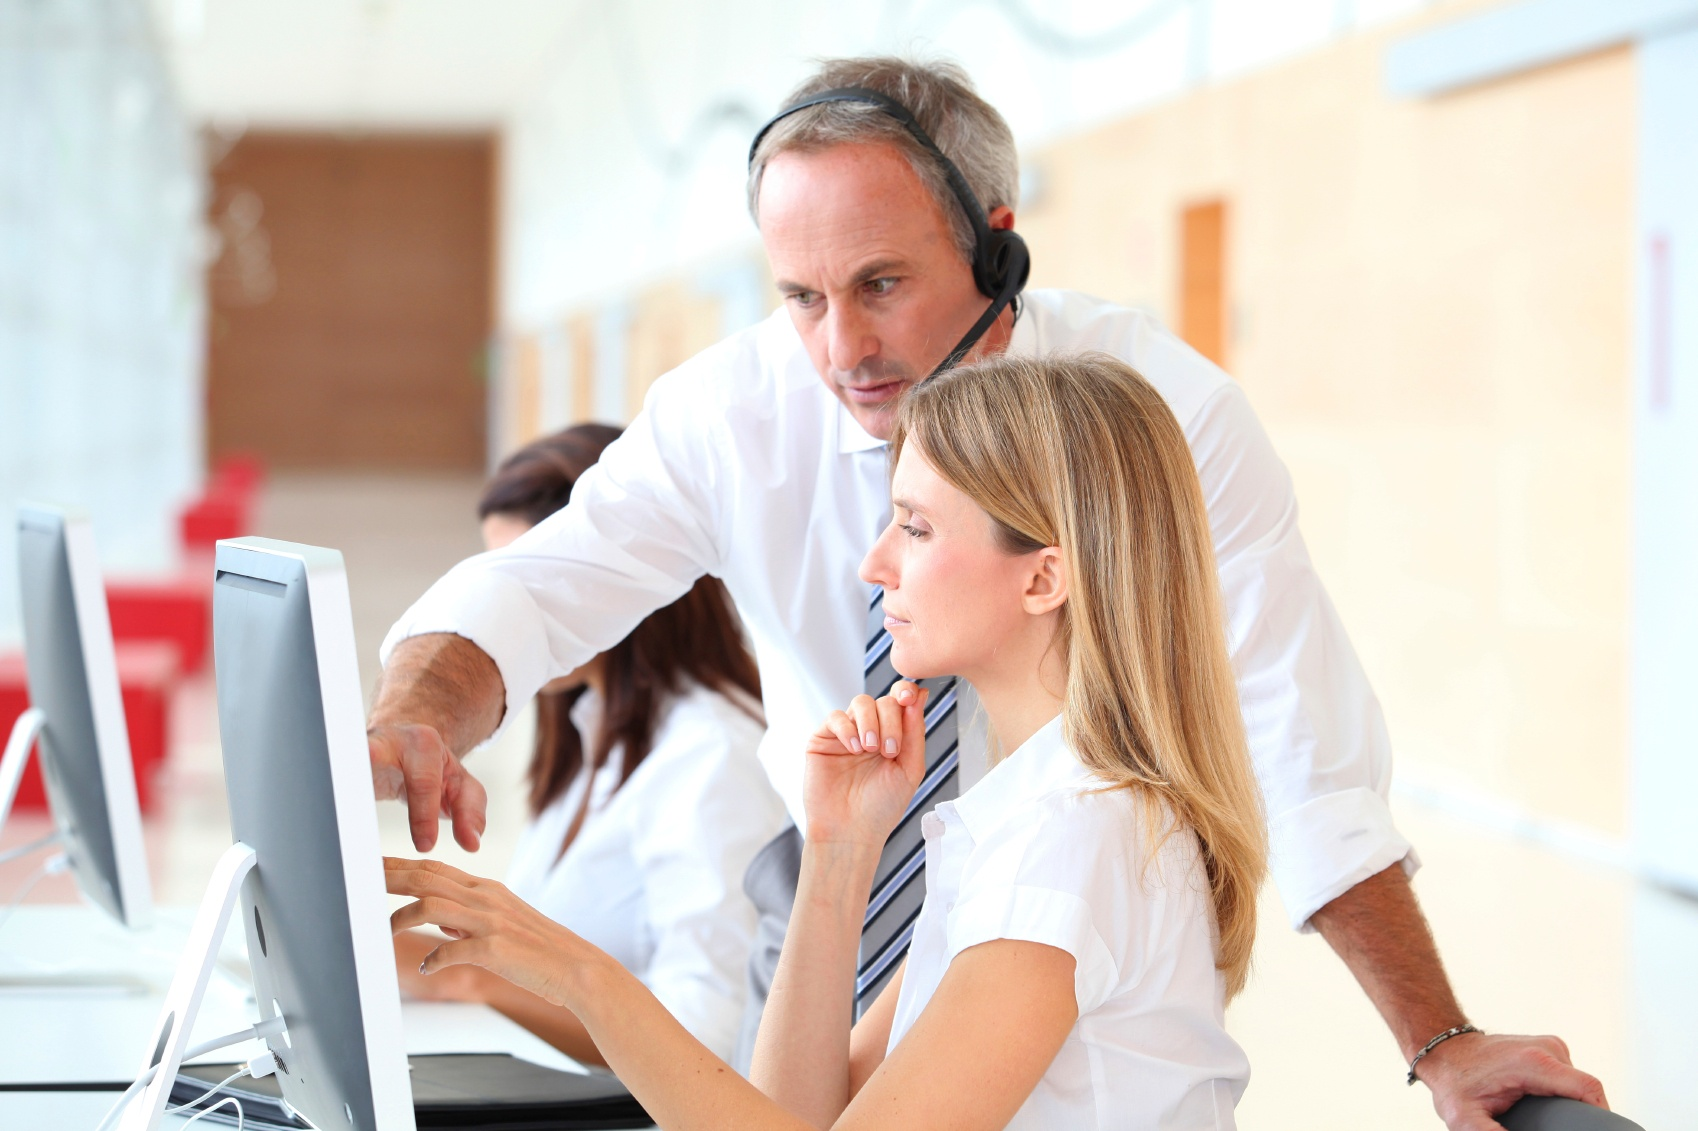 Customer-service-000015684248_Medium-1.jpg